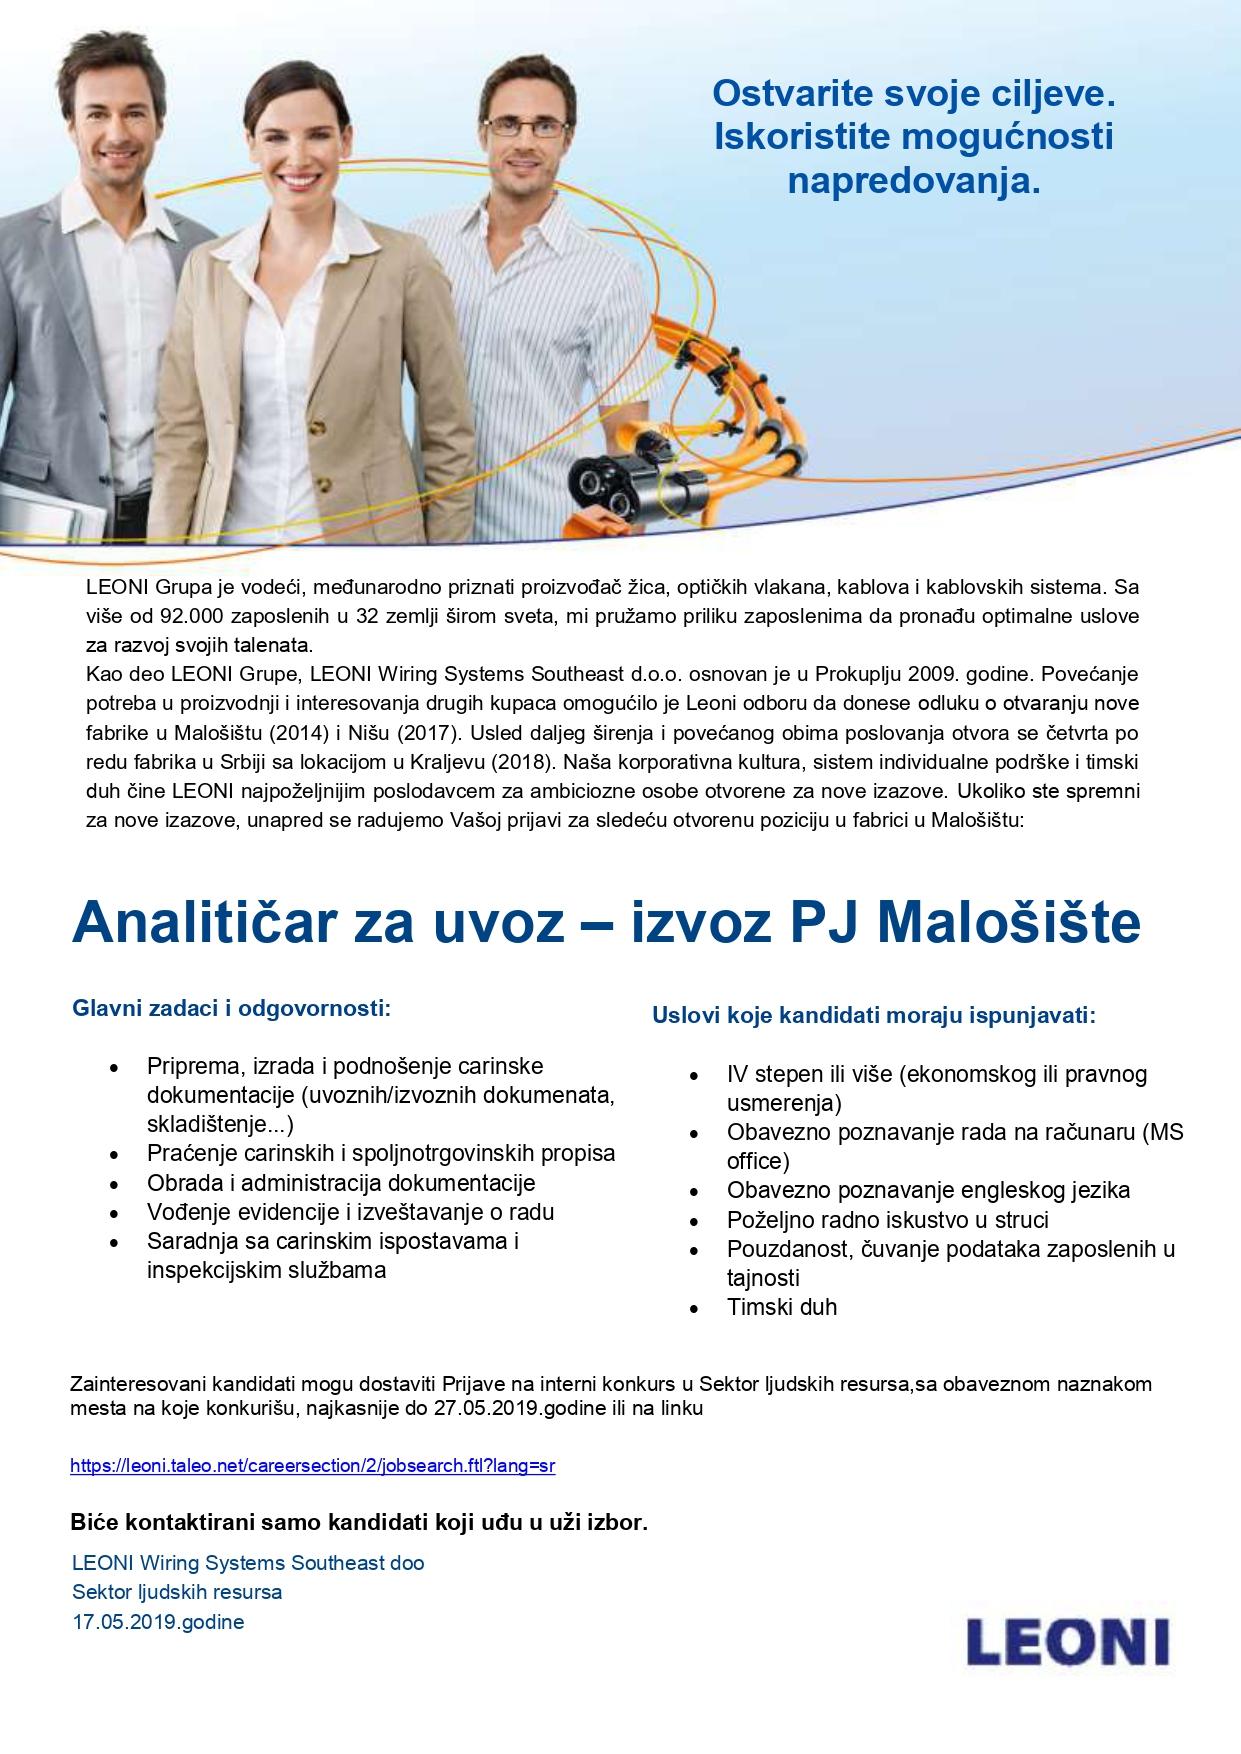 Analitičar za uvoz – izvoz PJ Malošište